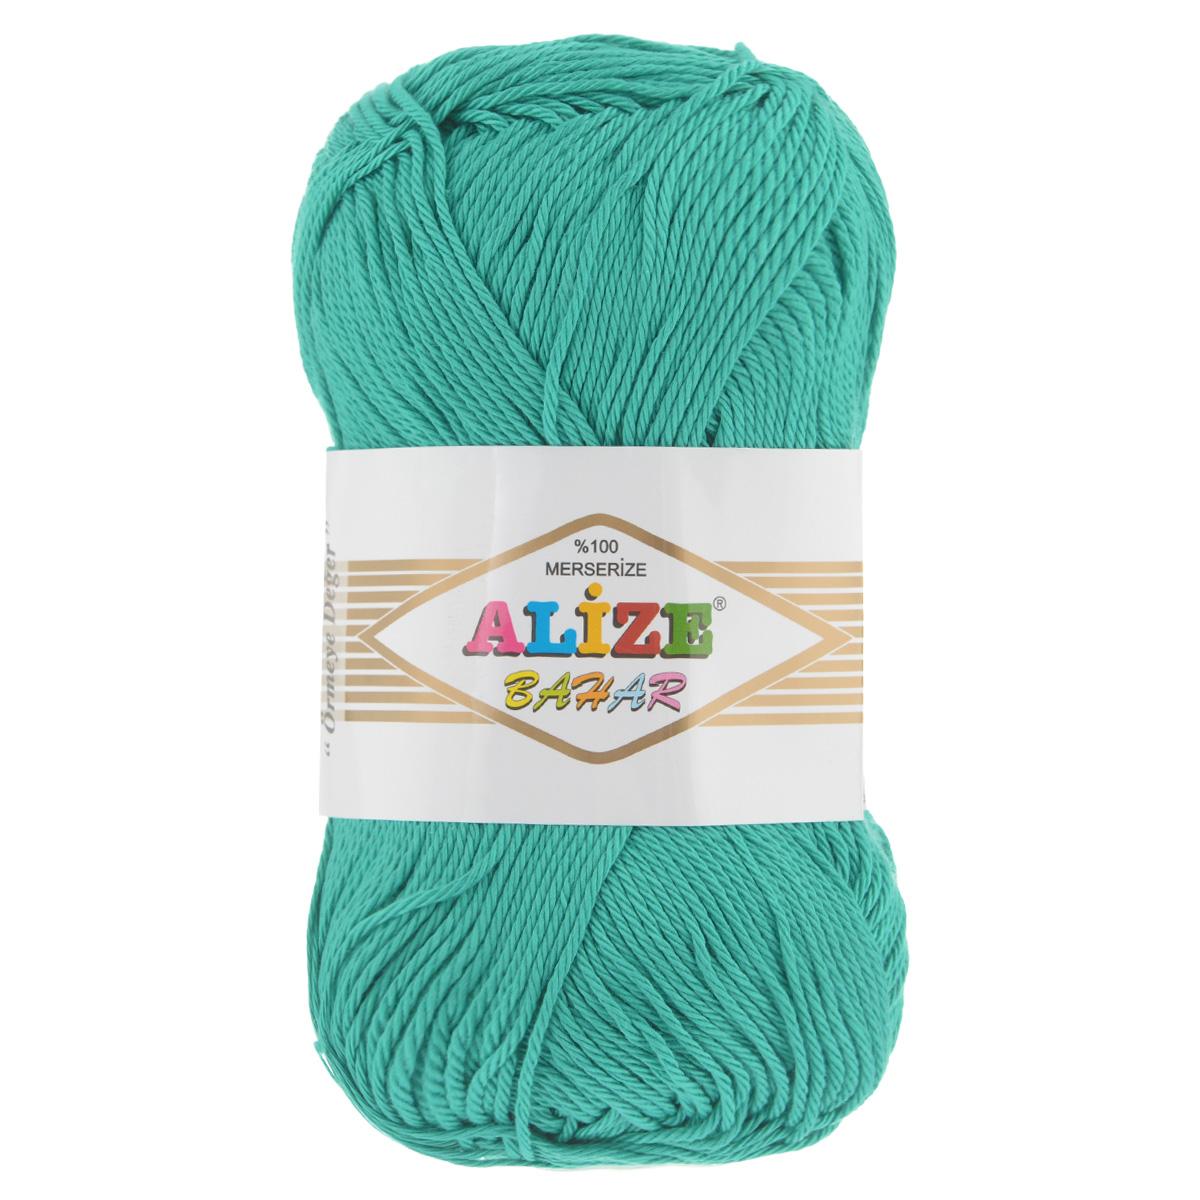 Пряжа для вязания Alize Bahar, цвет: зеленый (610), 260 м, 100 г, 5 шт364089_610Пряжа Alize Bahar подходит для ручного вязания детям и взрослым. Пряжа однотонная, приятная на ощупь, хорошо лежит в полотне. Изделия из такой нити получаются мягкие и красивые. Рекомендованные спицы 3-5 мм и крючок для вязания 2-4 мм. Комплектация: 5 мотков. Состав: 100% хлопок.